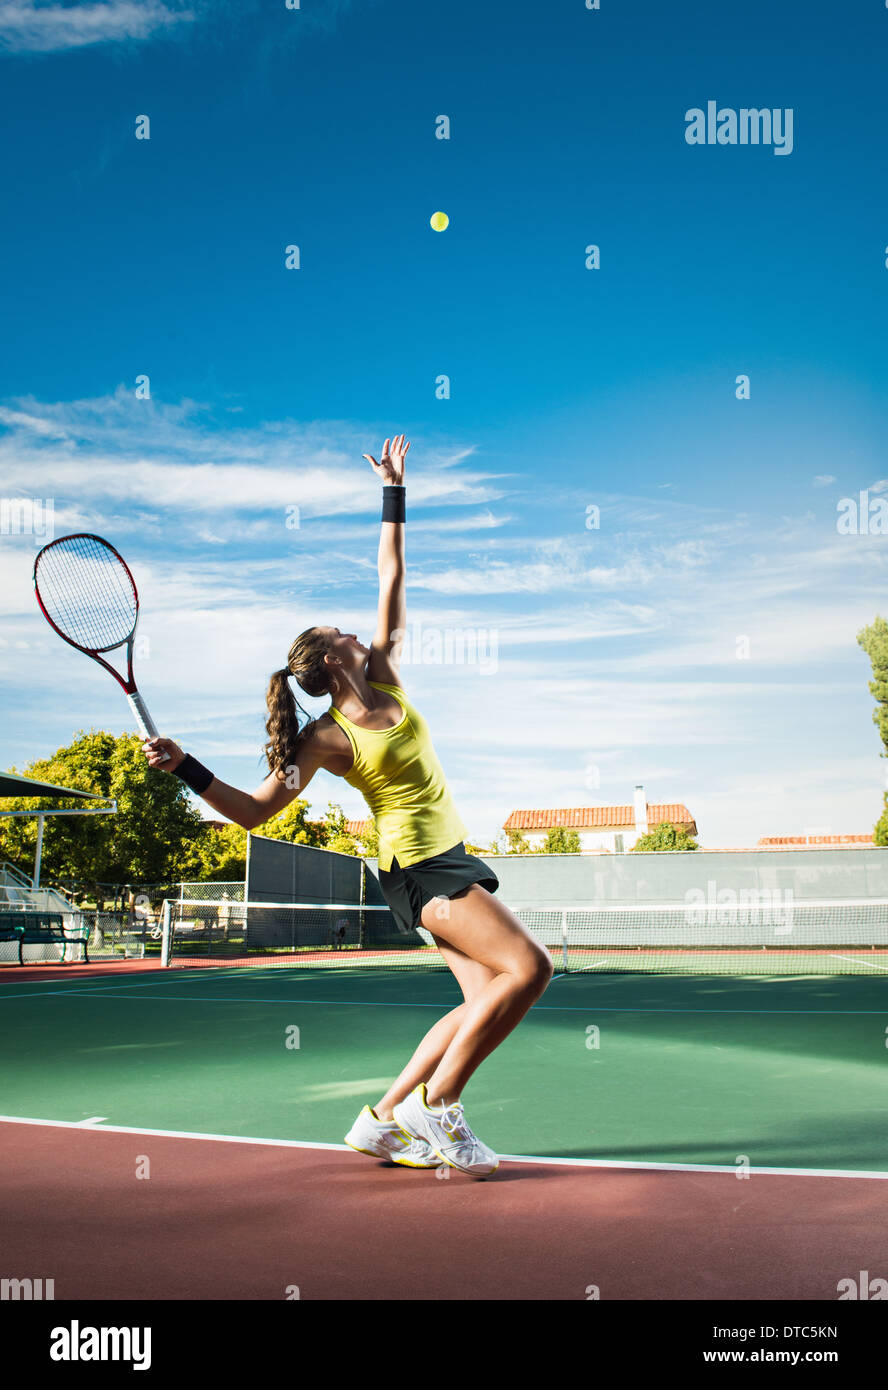 Femmina giocatore di tennis di colpire la sfera Immagini Stock